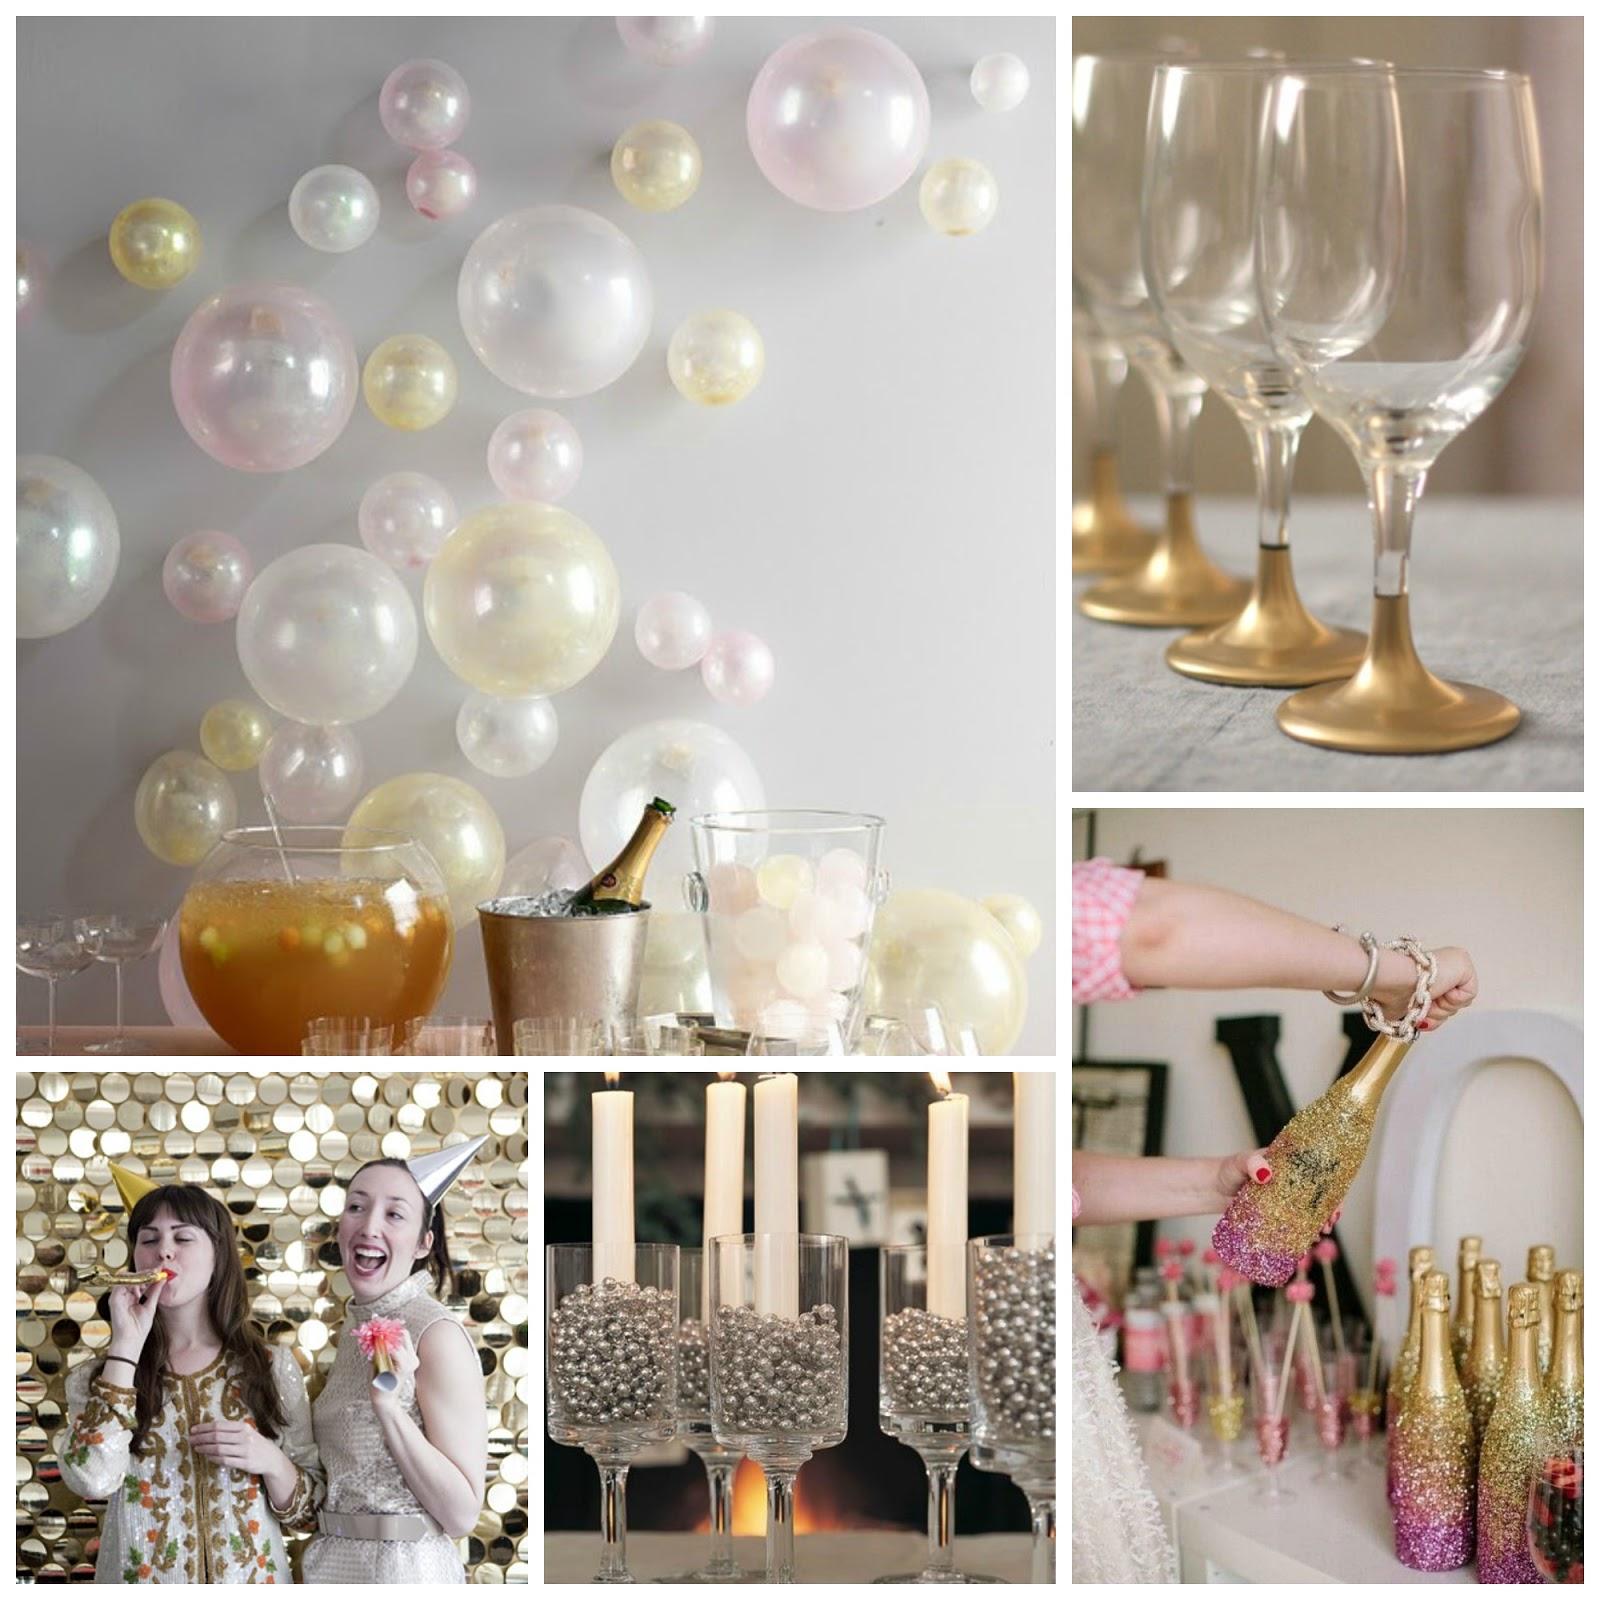 10 idee fai da te per decorare la casa a capodanno donneinpink magazine - Idee casa fai da te ...